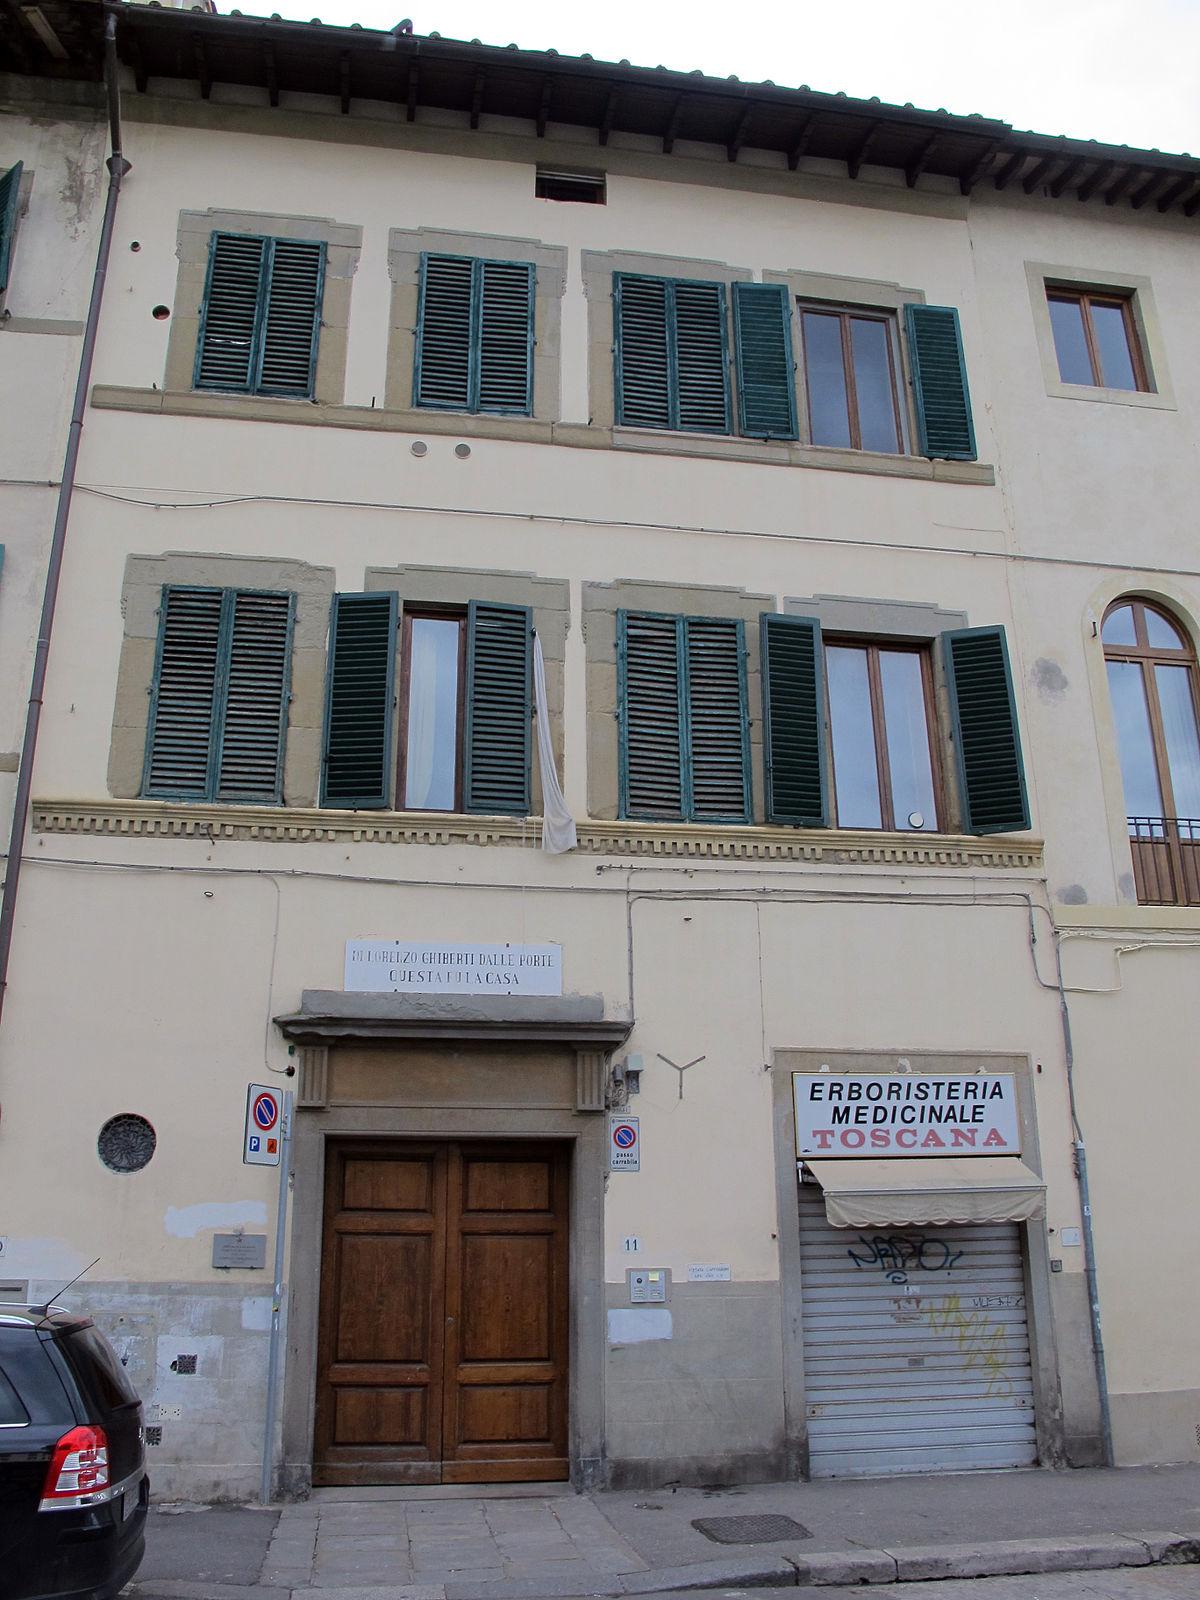 Casa di lorenzo ghiberti wikipedia - Quanto si da di caparra per acquisto casa ...